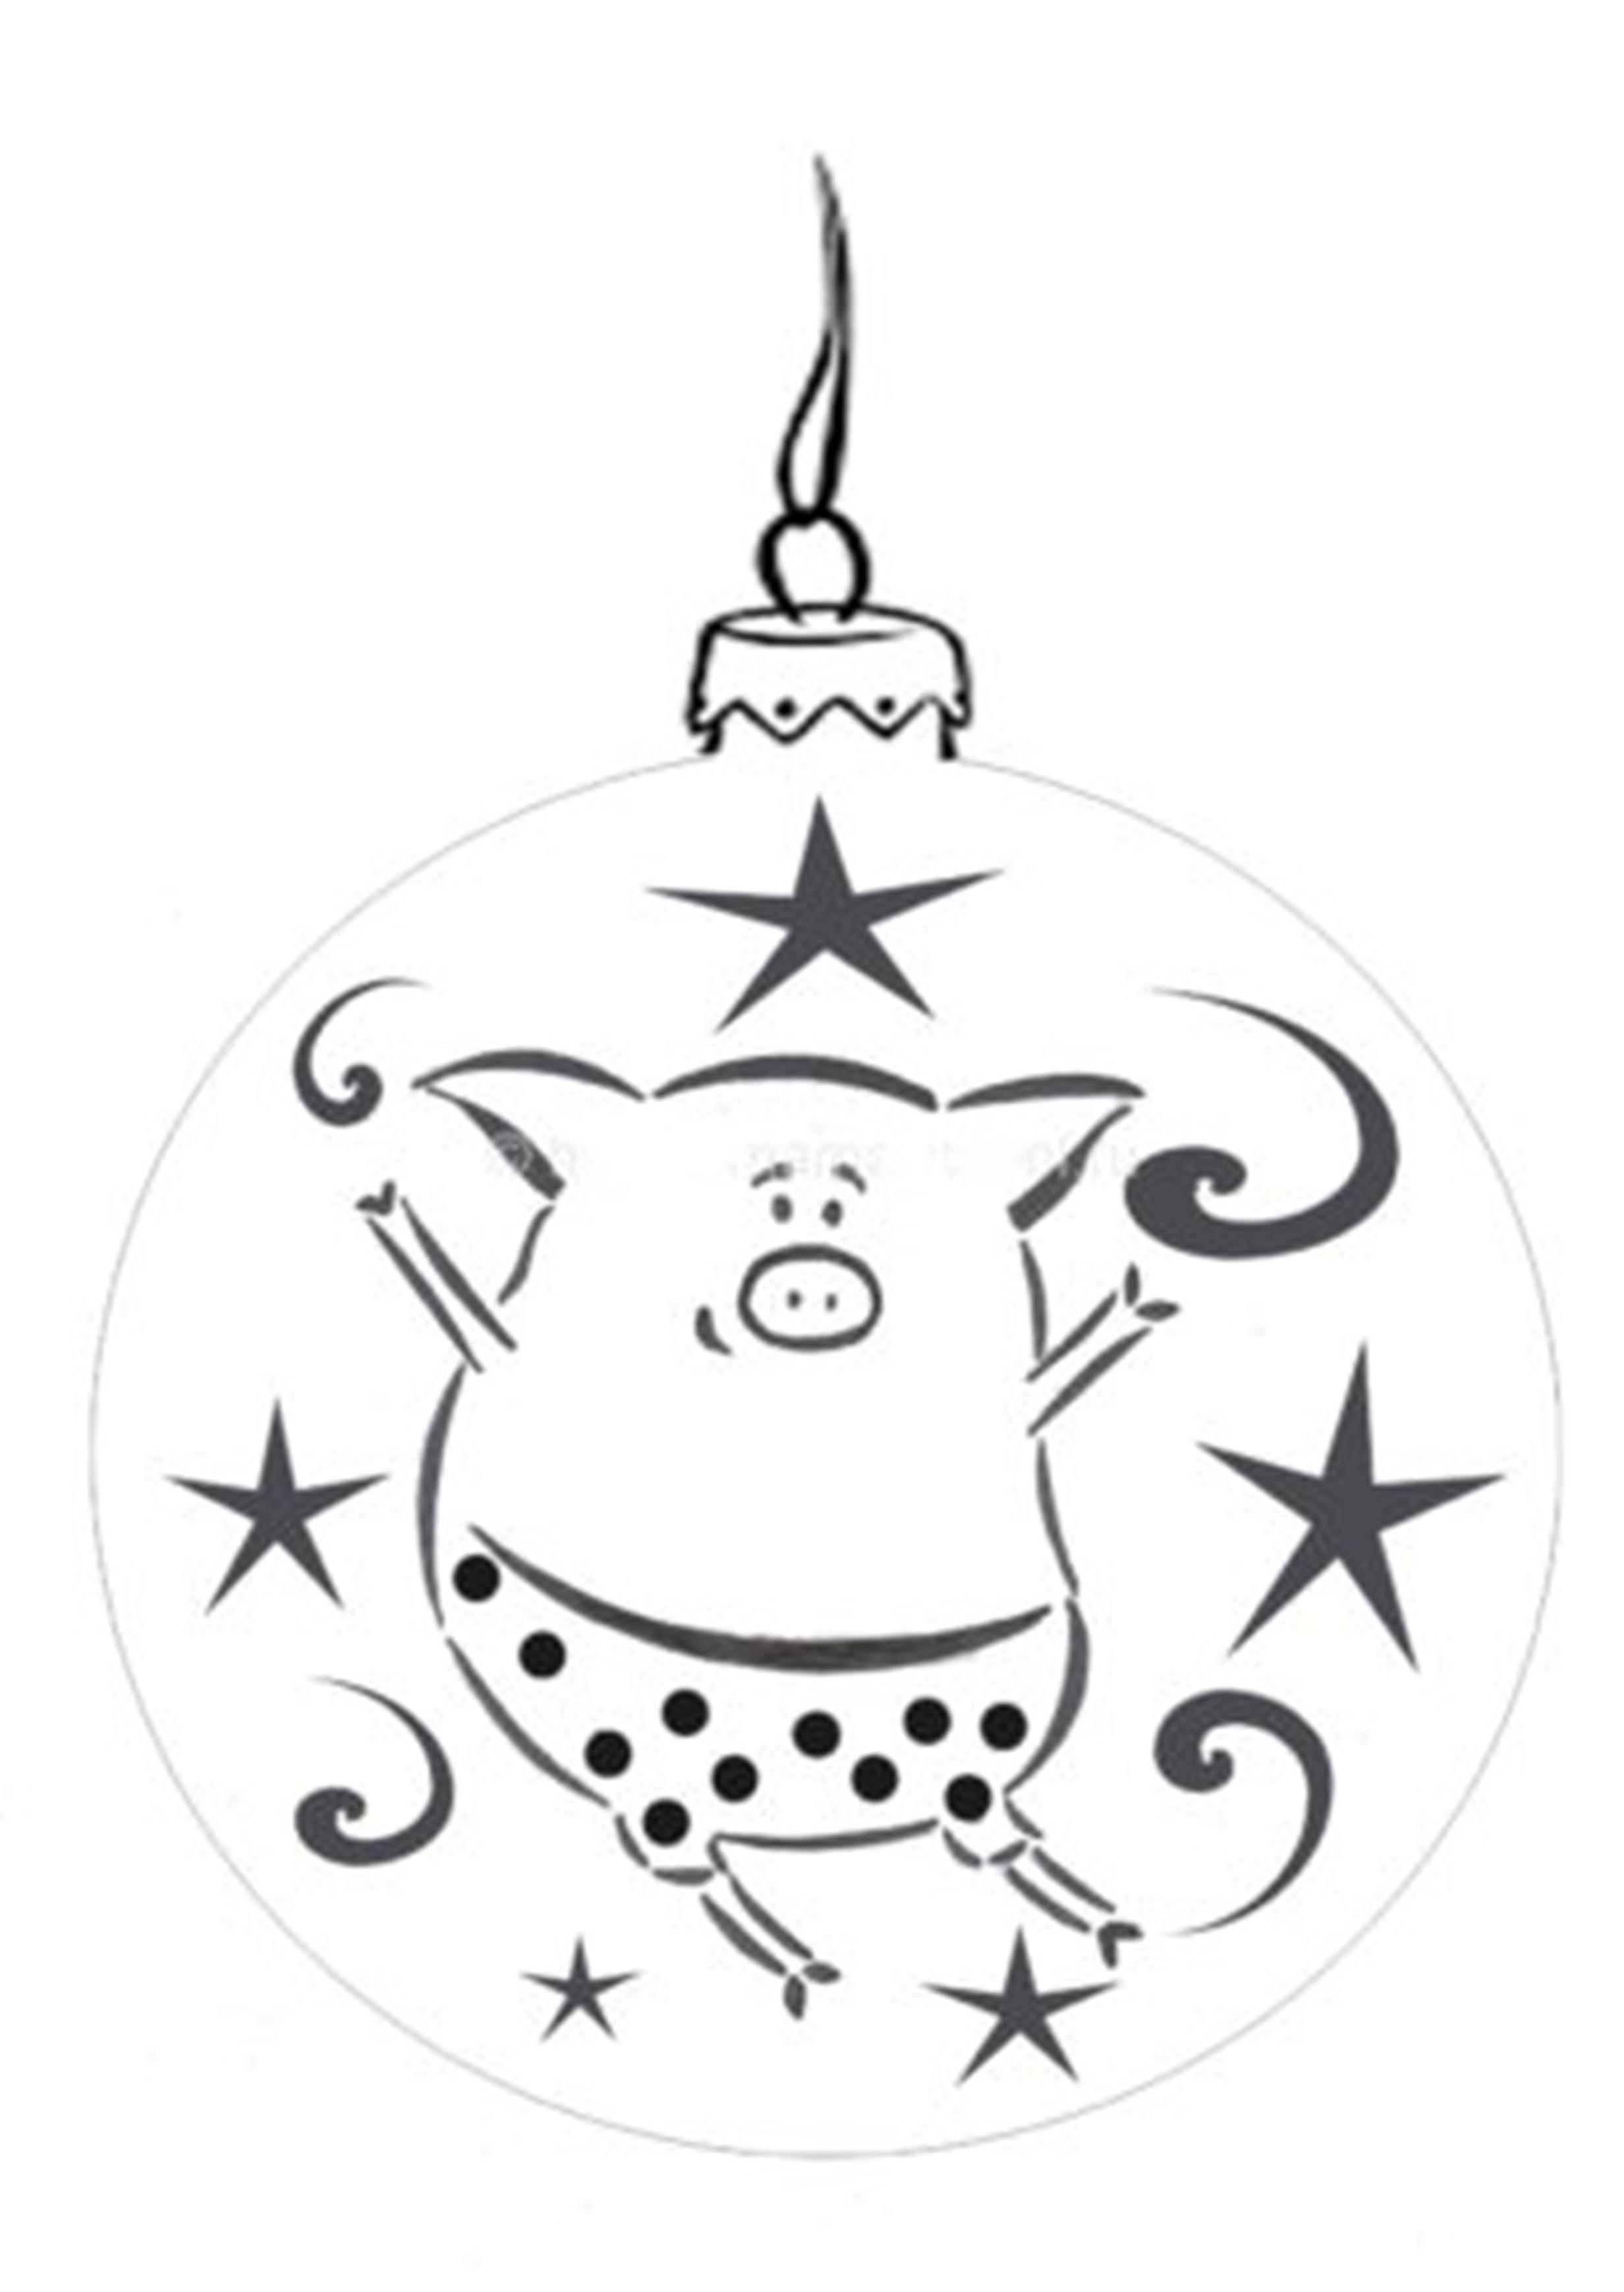 Картинка раскраска со свинкой на Новый Год